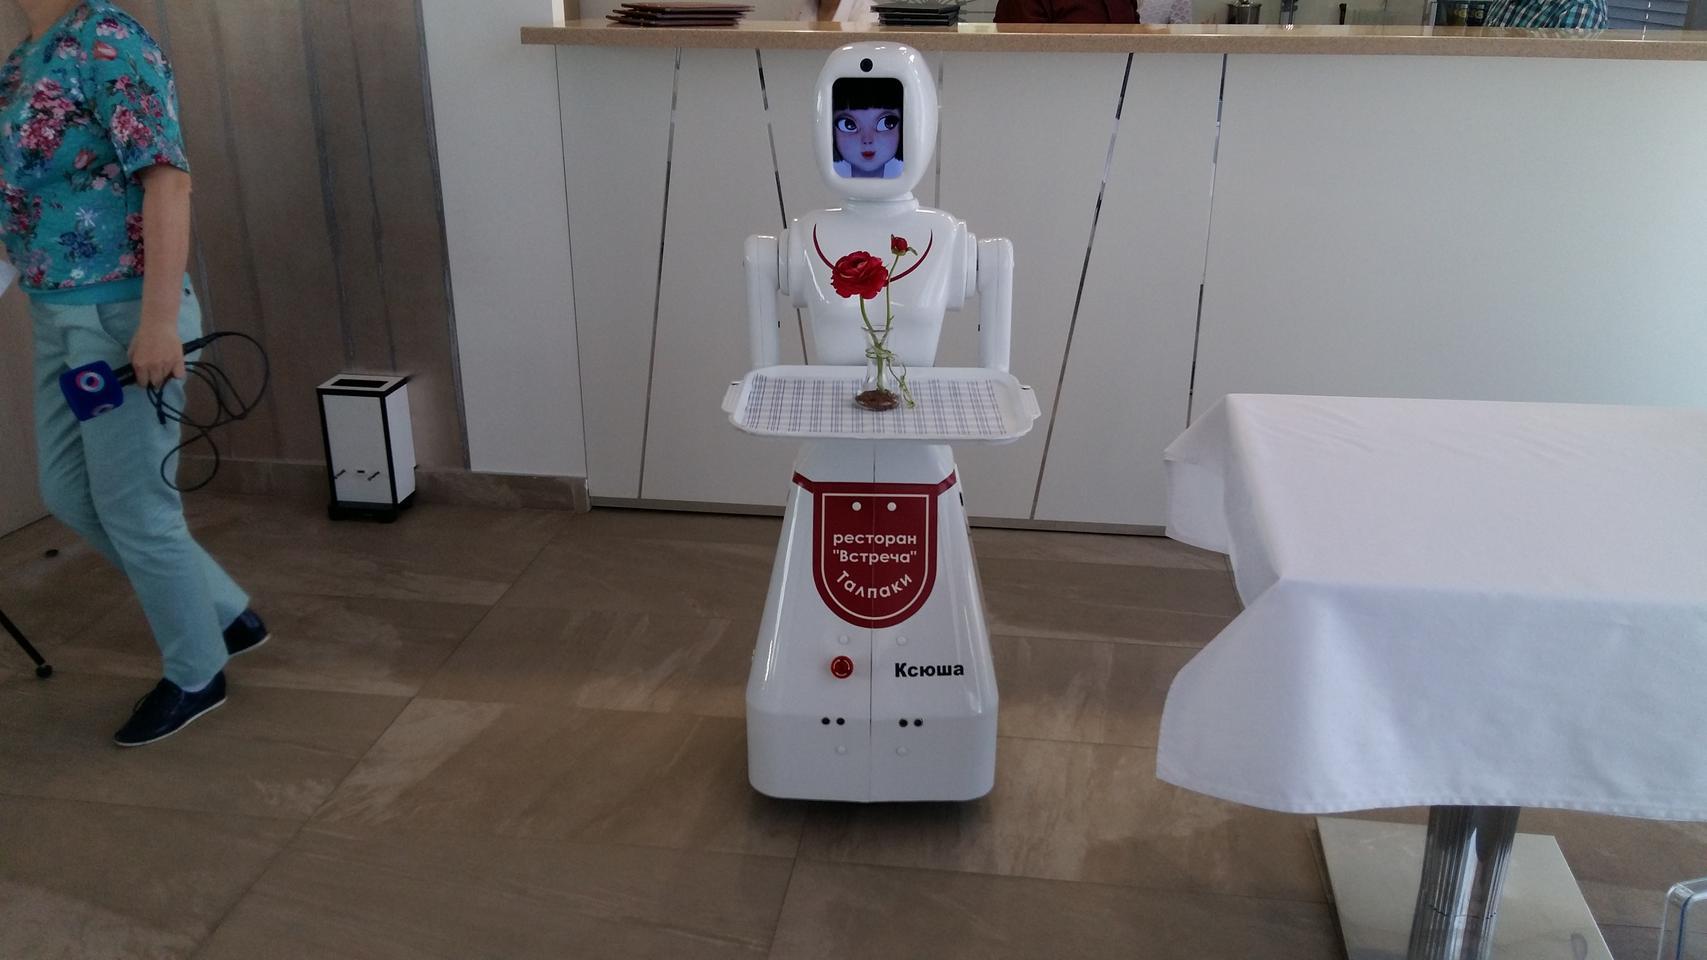 Робот на мероприятие